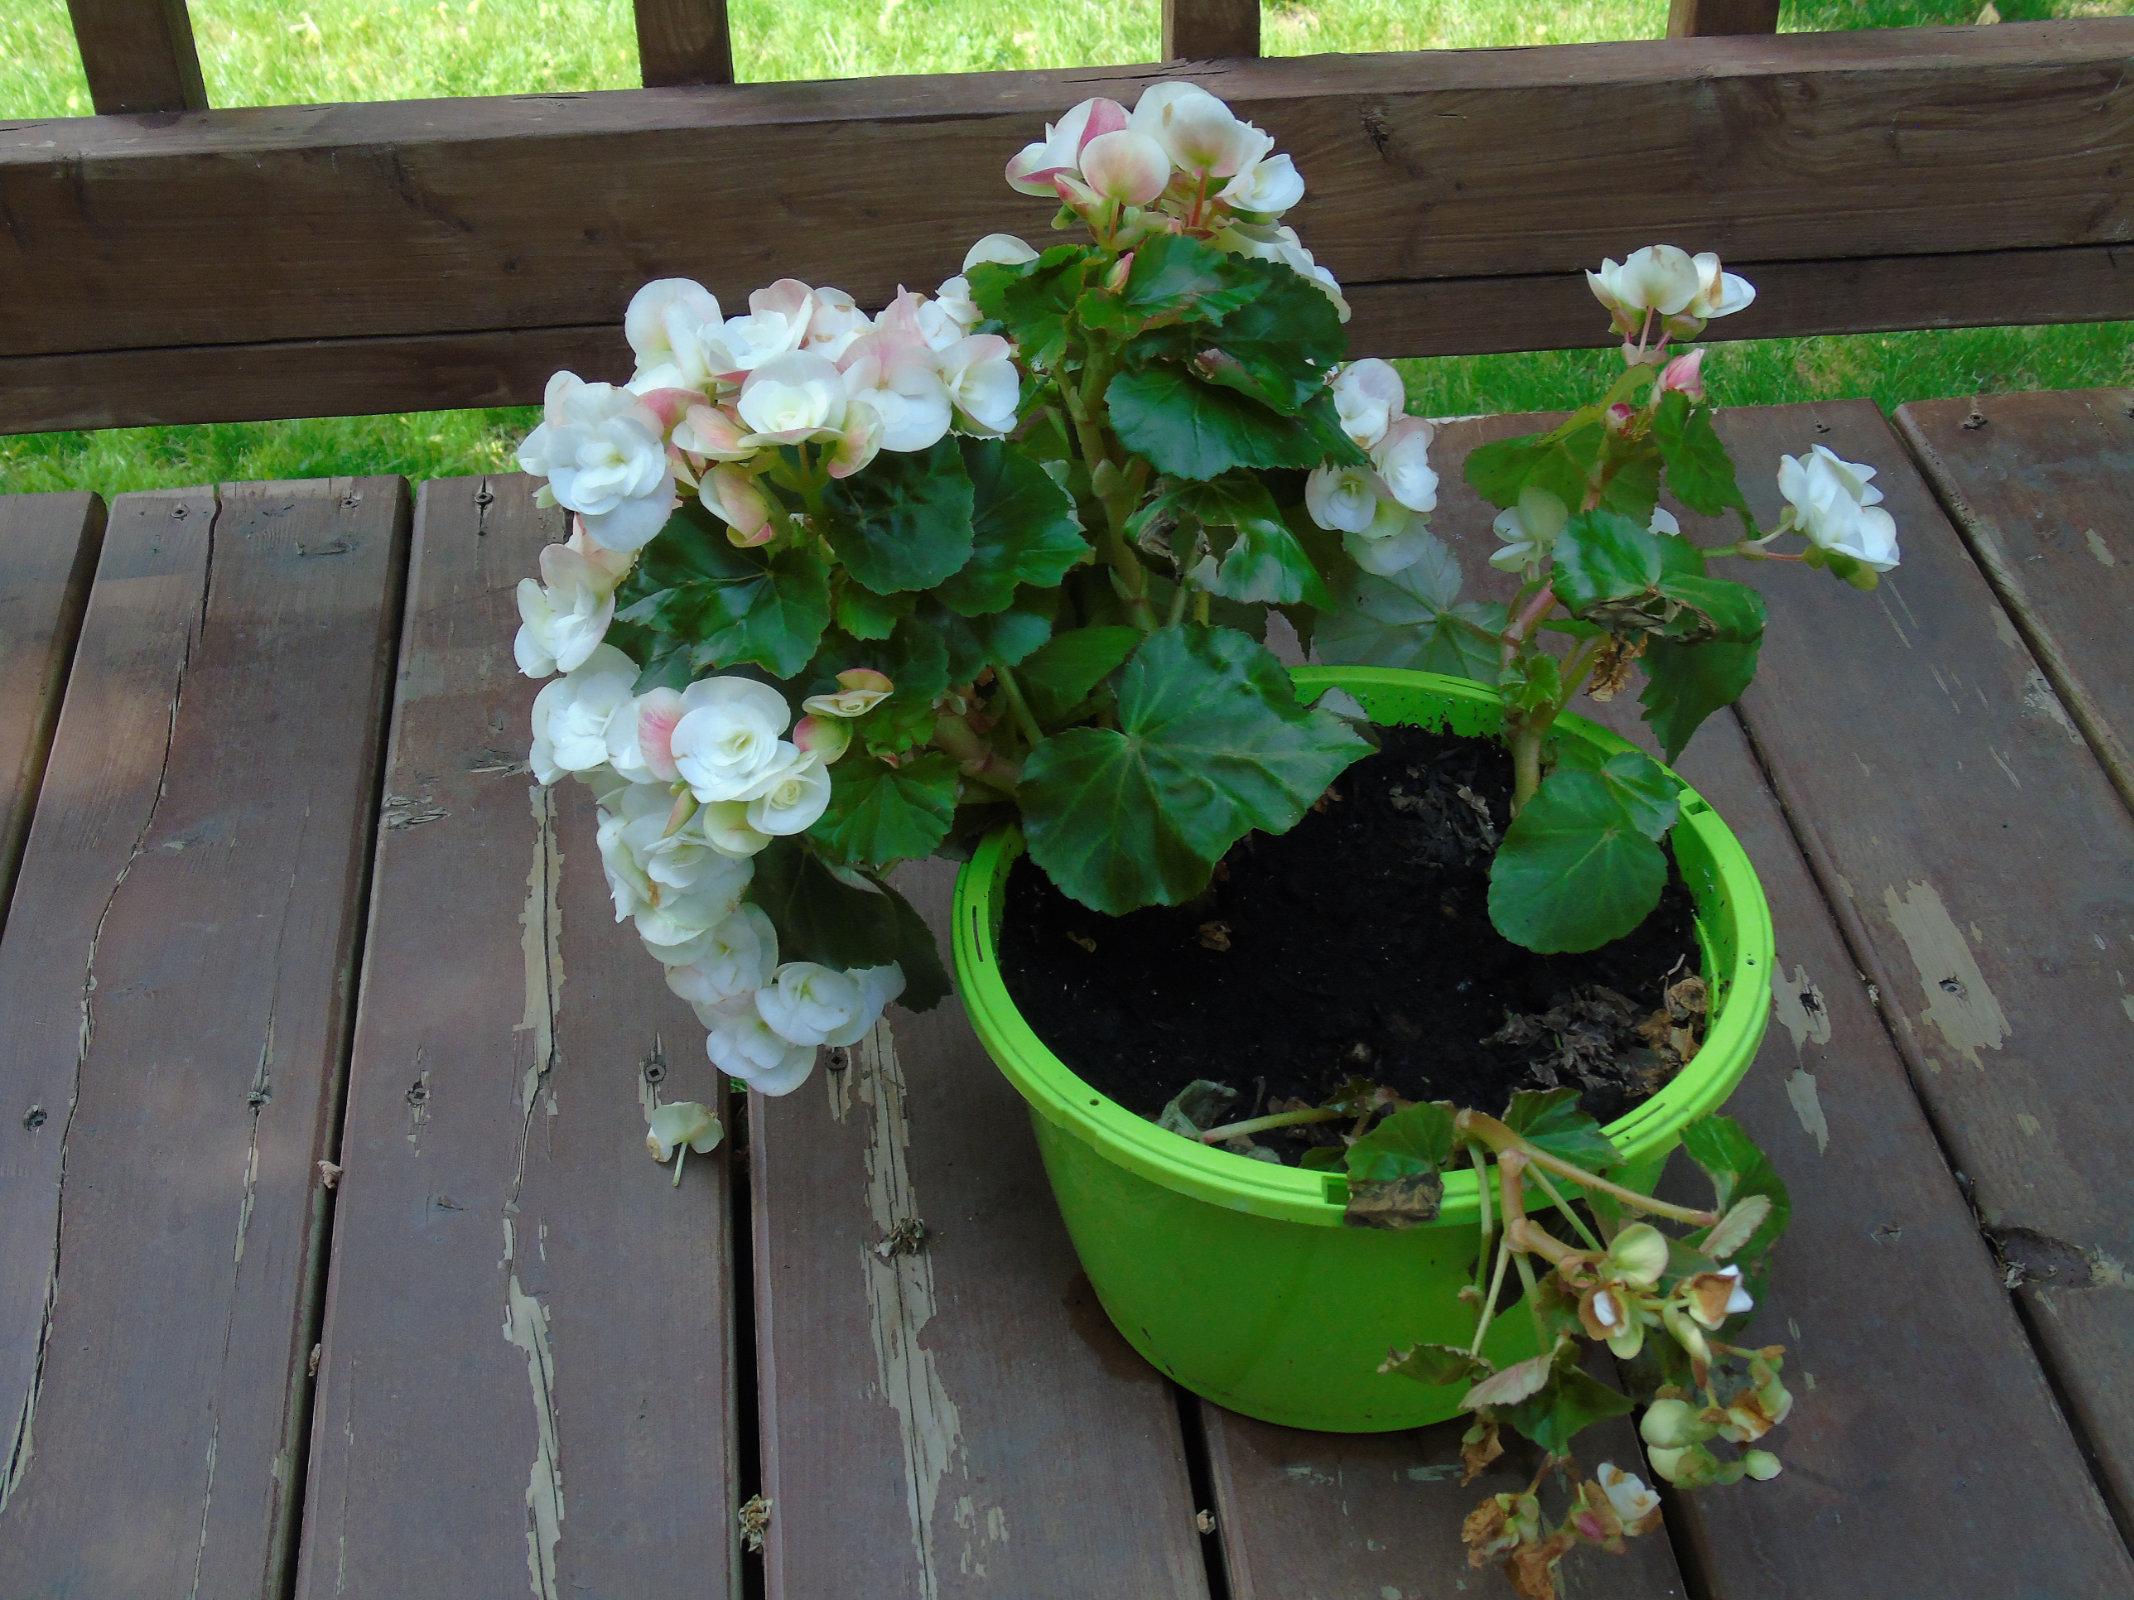 Begonias flowerbasket2